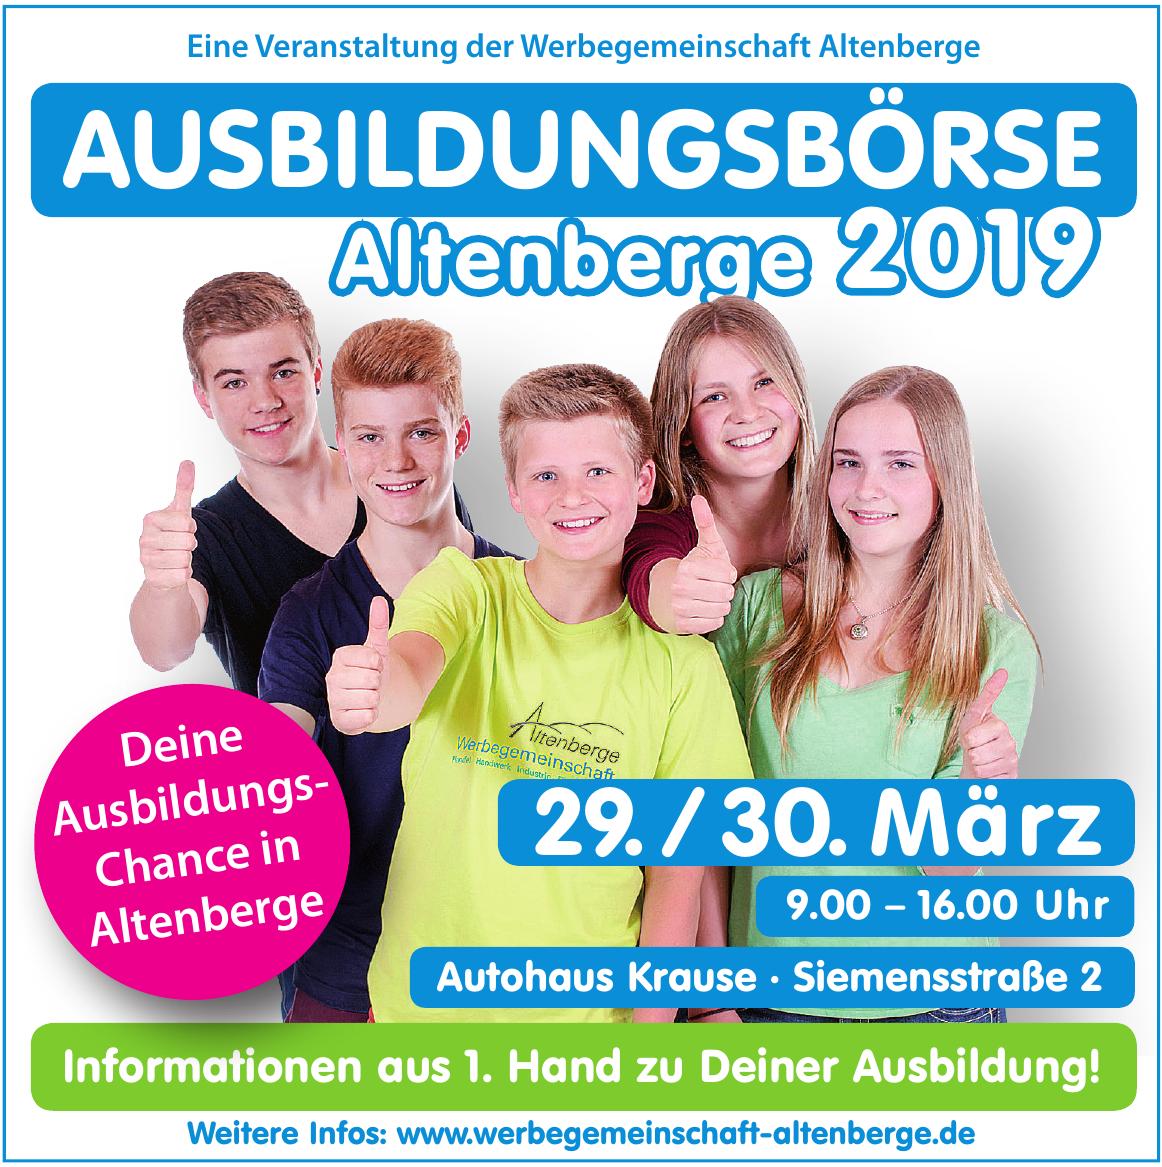 Ausbildungsbörse Altenberge 2019